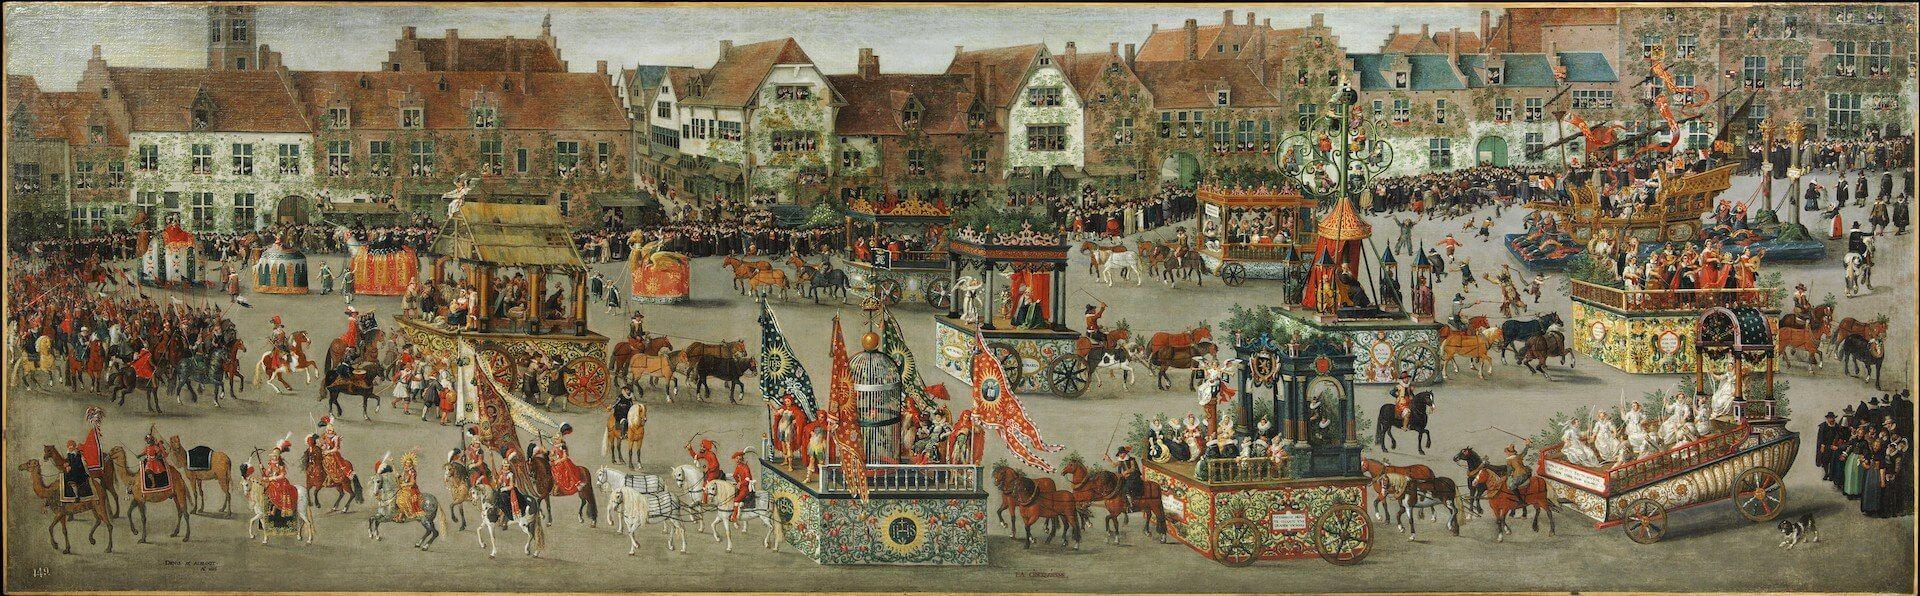 El ommegang de Bruselas del 31 de mayo de 1615. El triunfo de la archiduquesa Isabel Denis van Alsloot